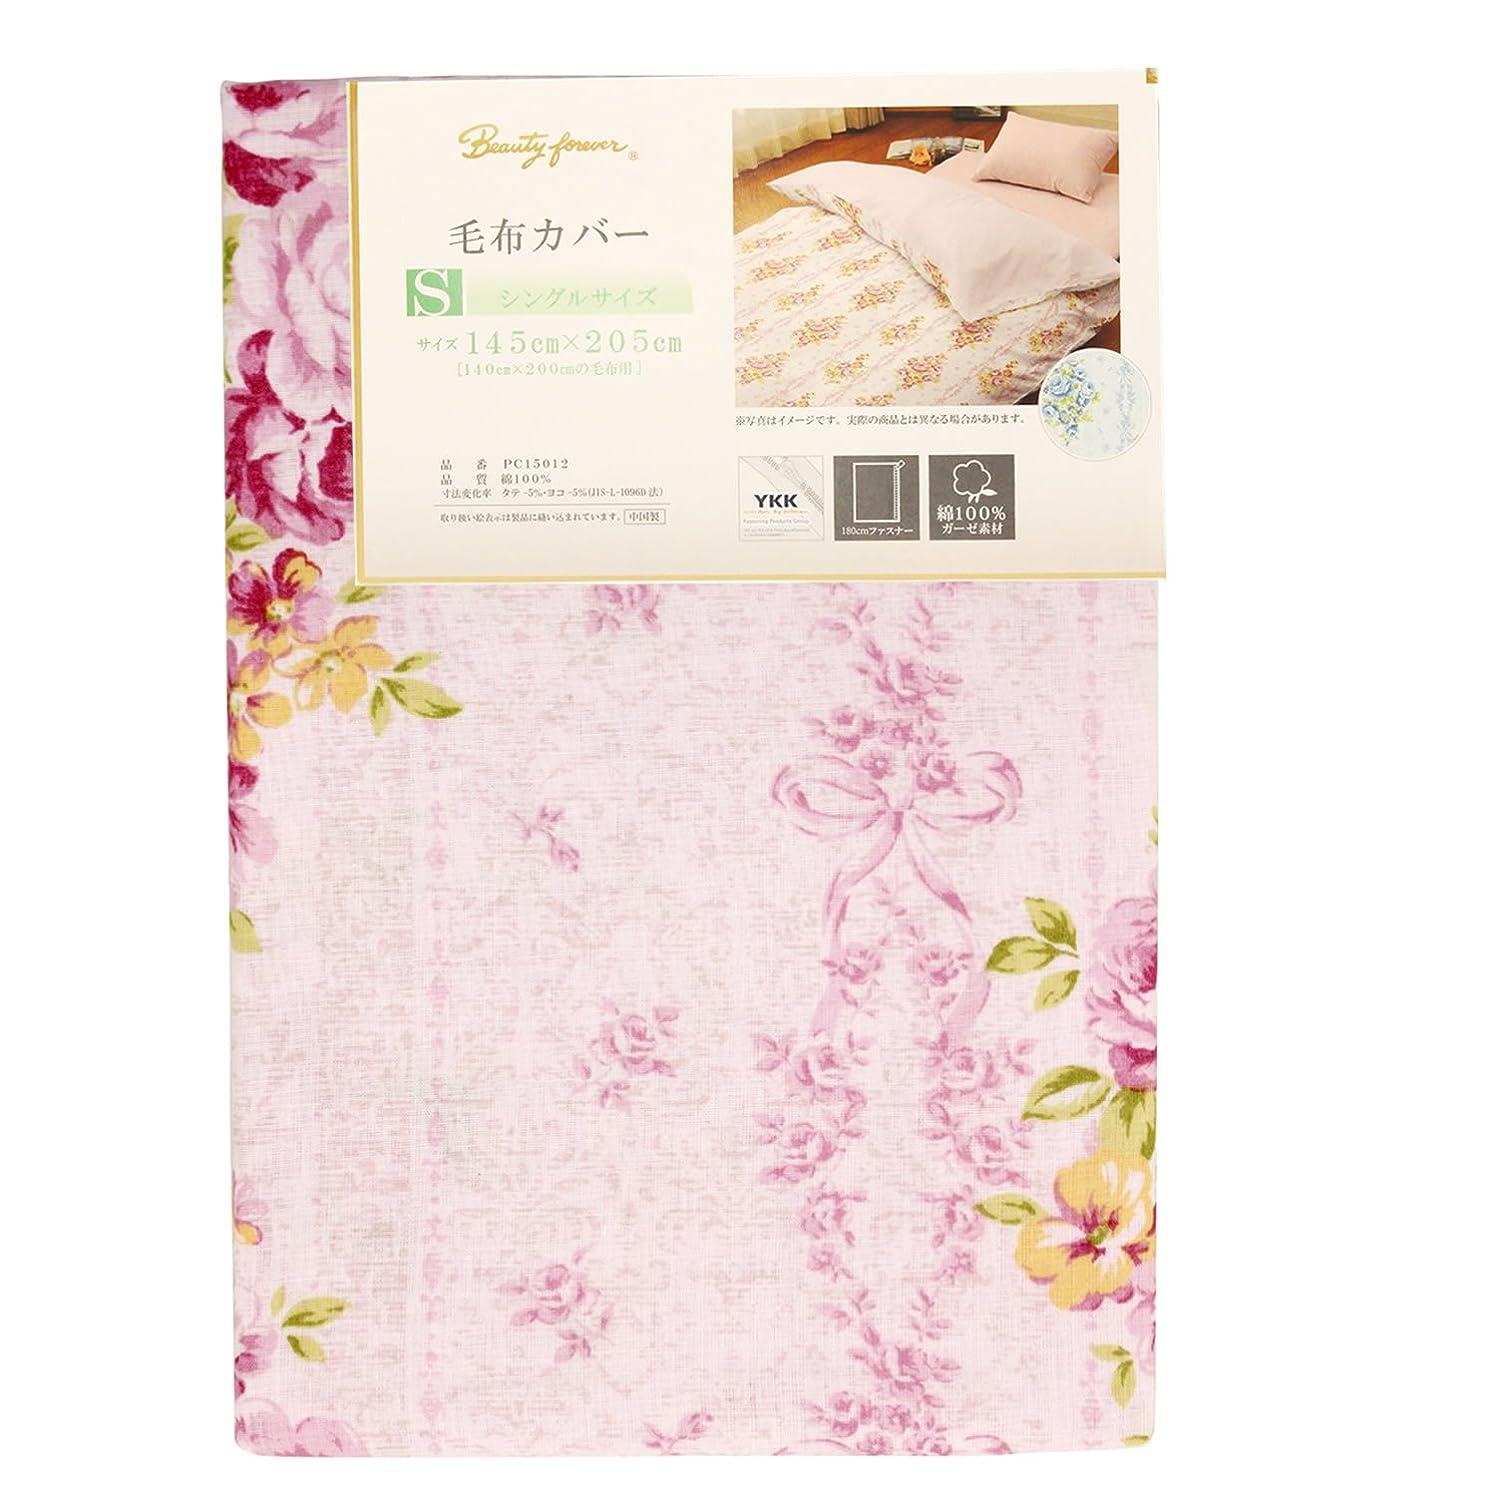 種をまく症候群お願いしますメリーナイト 綿100% ガーゼ 毛布カバー 「ロサ」 シングル ピンク PC15012-16